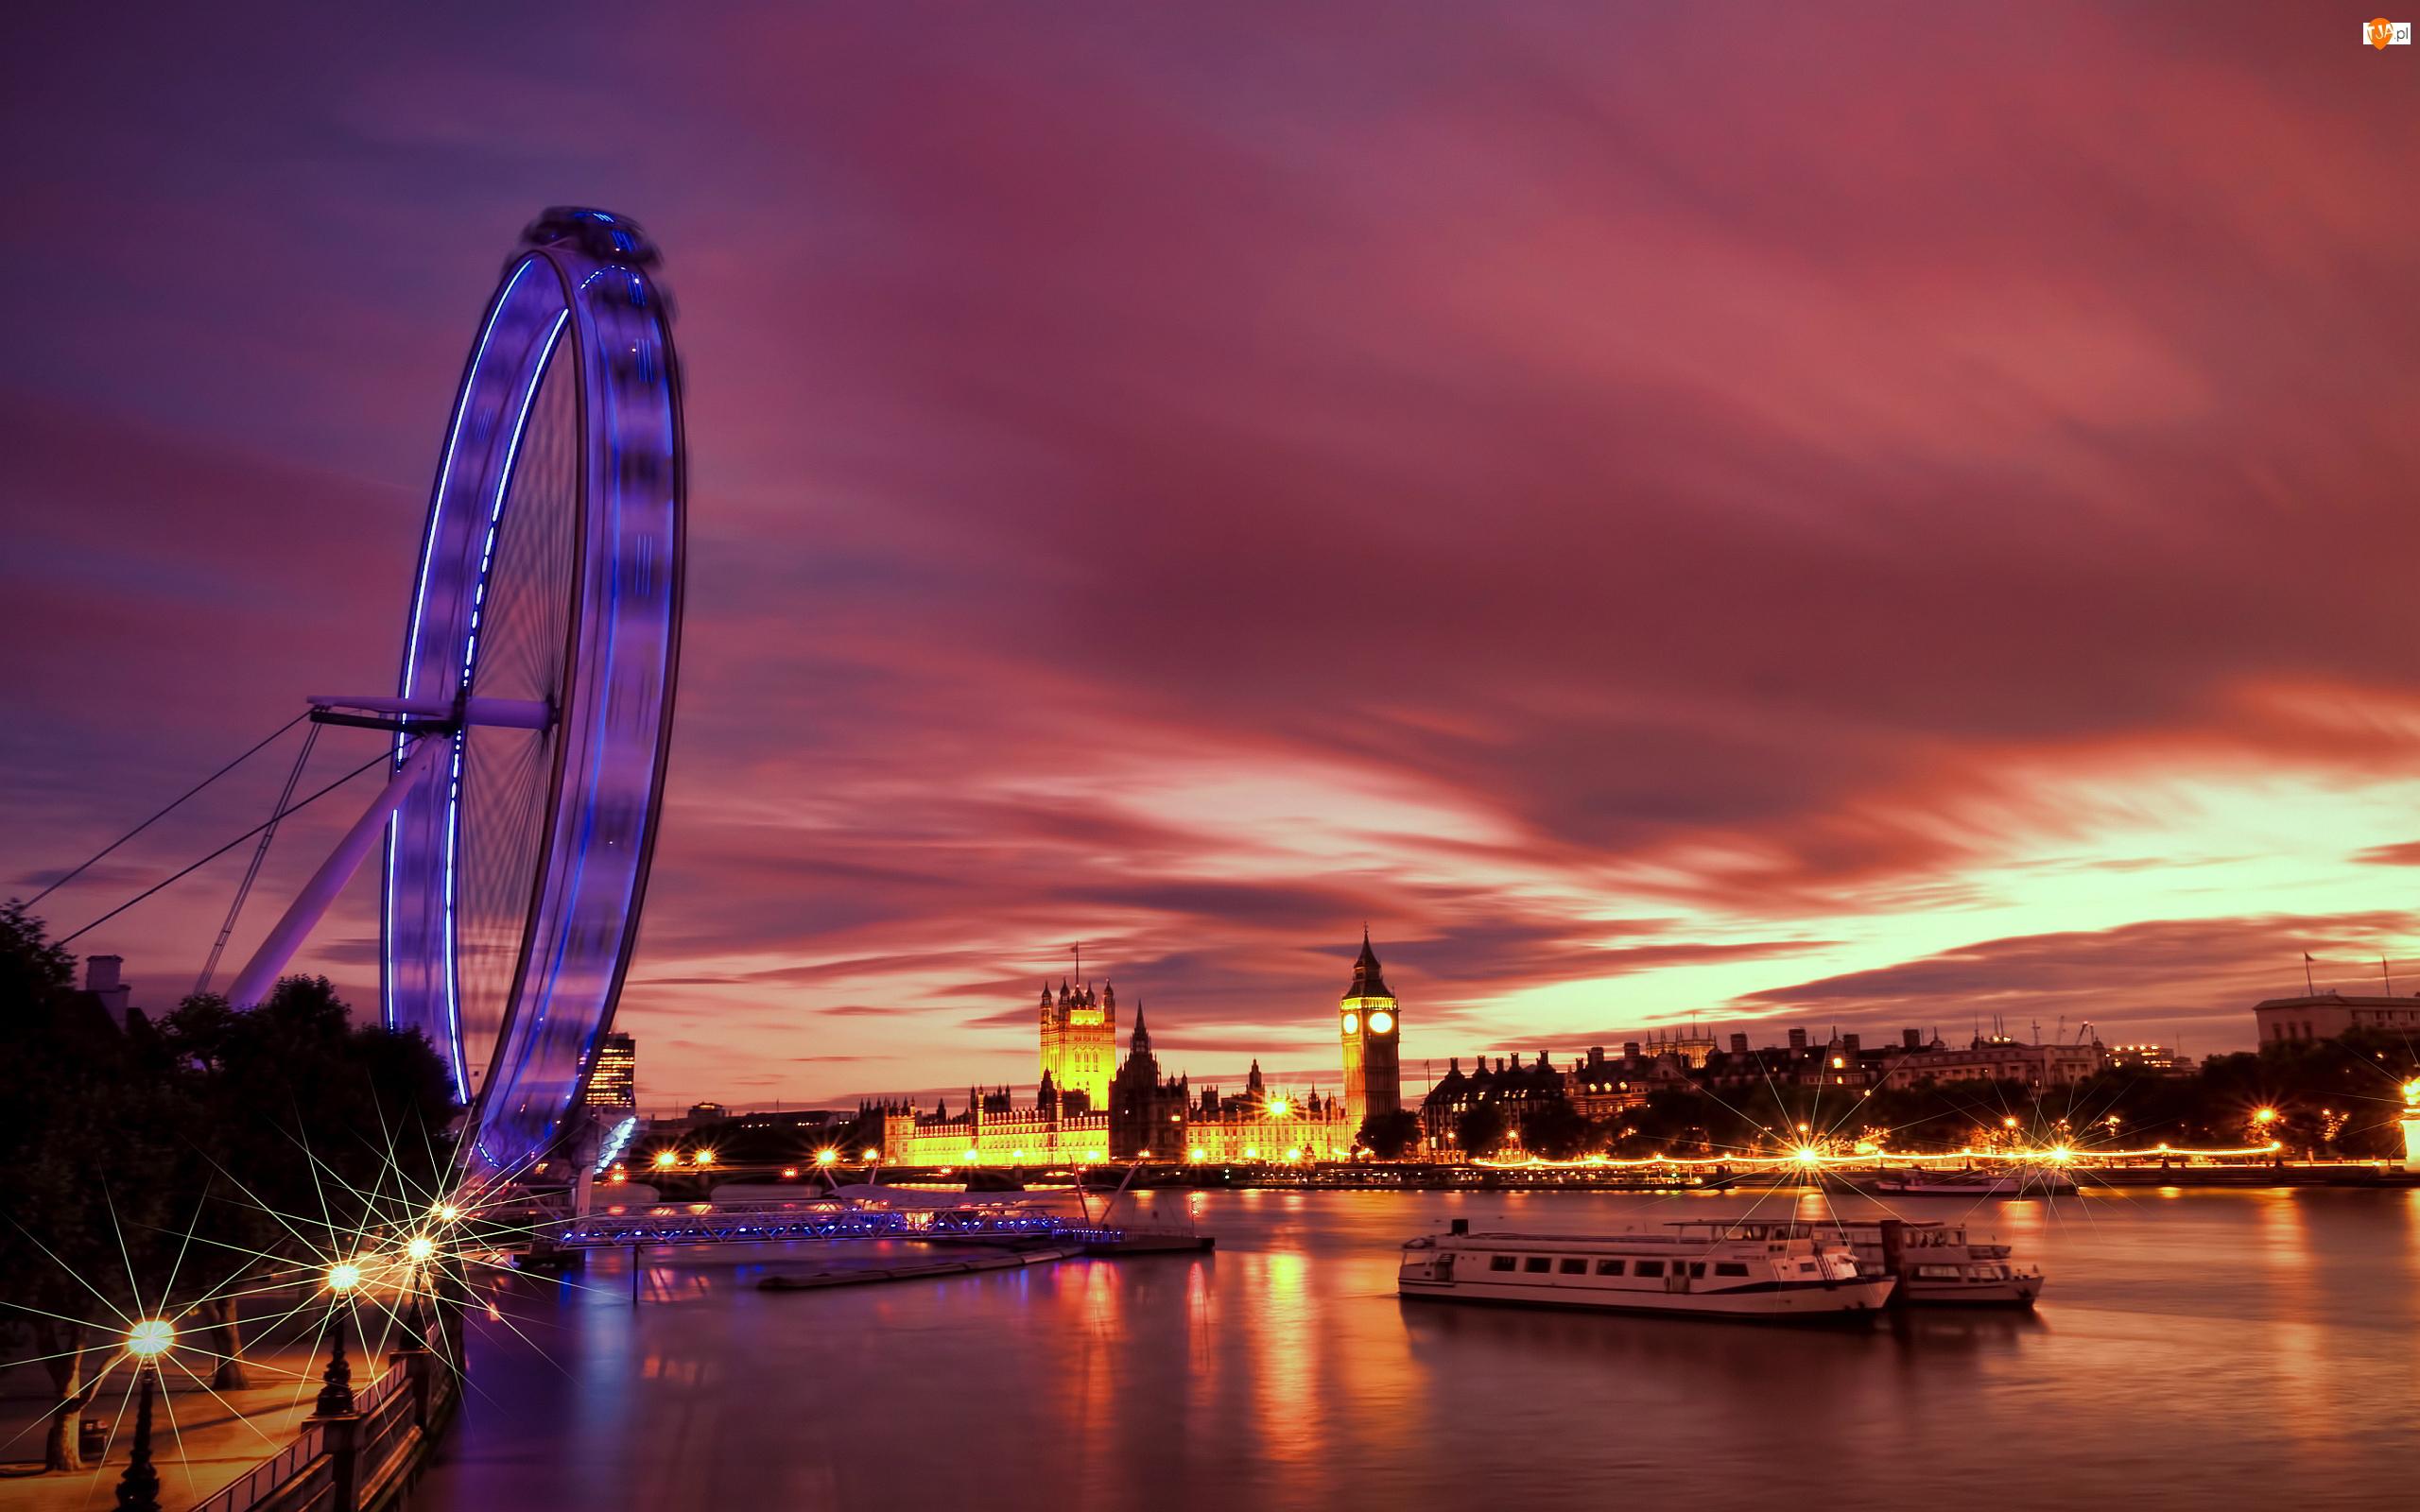 Światła, Londyn, Rzeka, London Eye, Wieczór